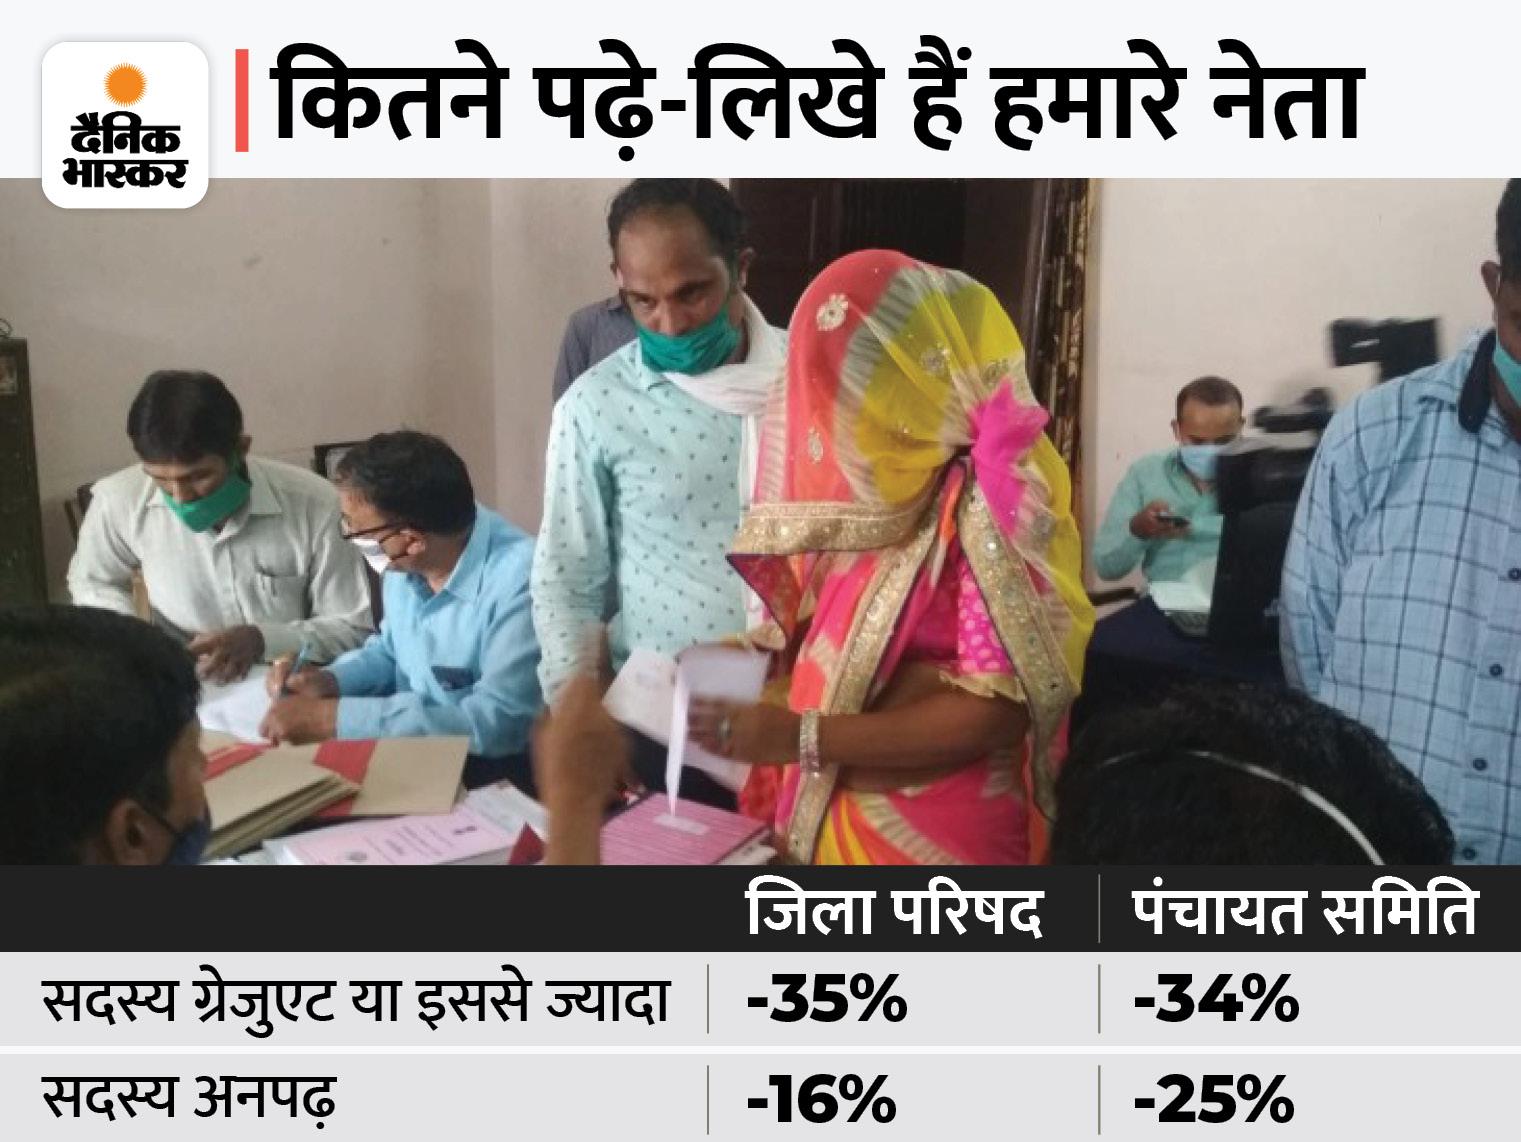 जयपुर के पंचायत चुनाव, 445 सदस्यों में से 113 बस साइन करना जानते हैं, BA-MA के साथ इंजीनियर और MBA भी बने सदस्य|जयपुर,Jaipur - Dainik Bhaskar